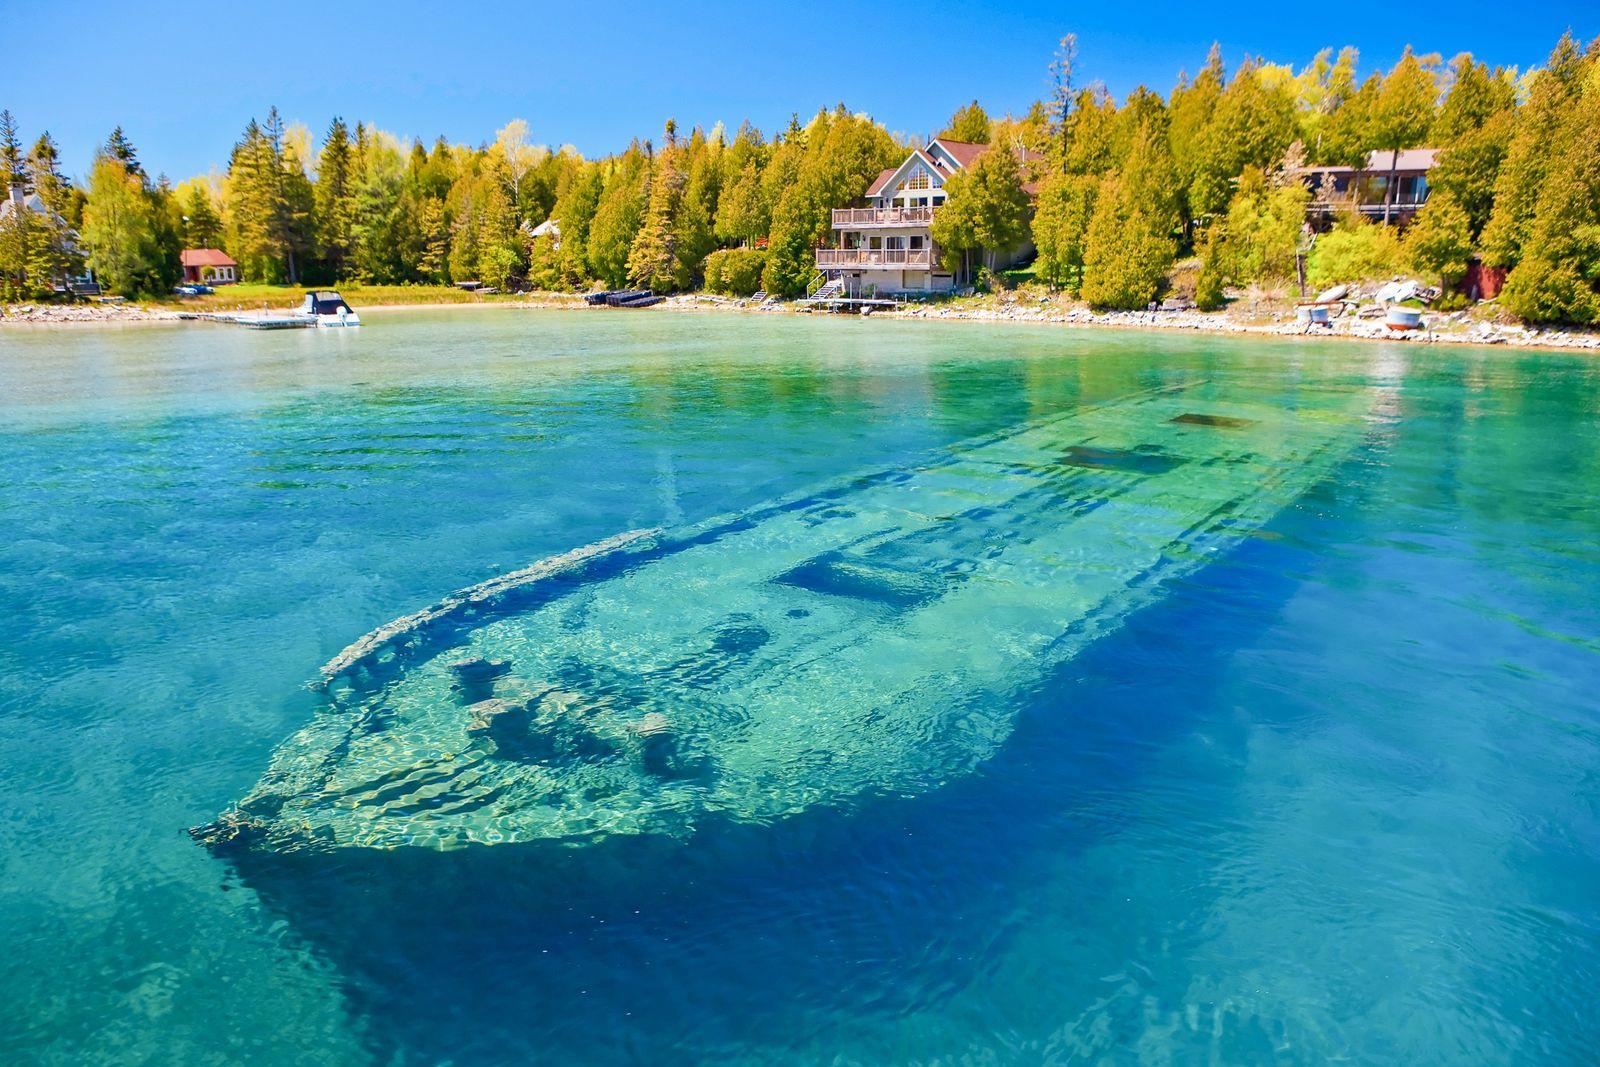 Begeisterte Taucher werden sich an den unterseeischen geologischen Formationen und den 22 historischen Schiffswracks des Parks ...